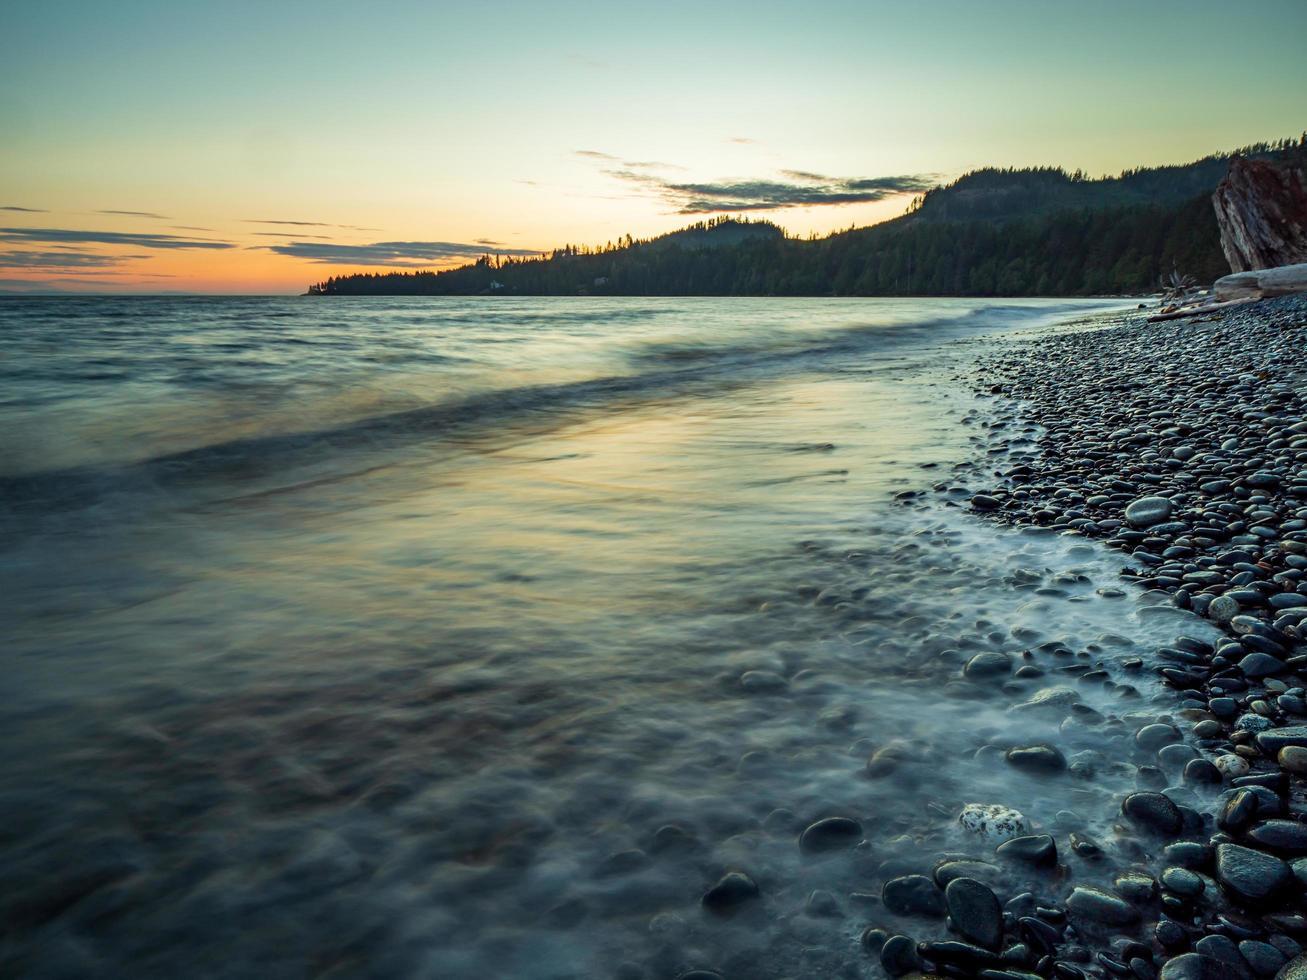 bord de mer rocheux avec montagnes photo